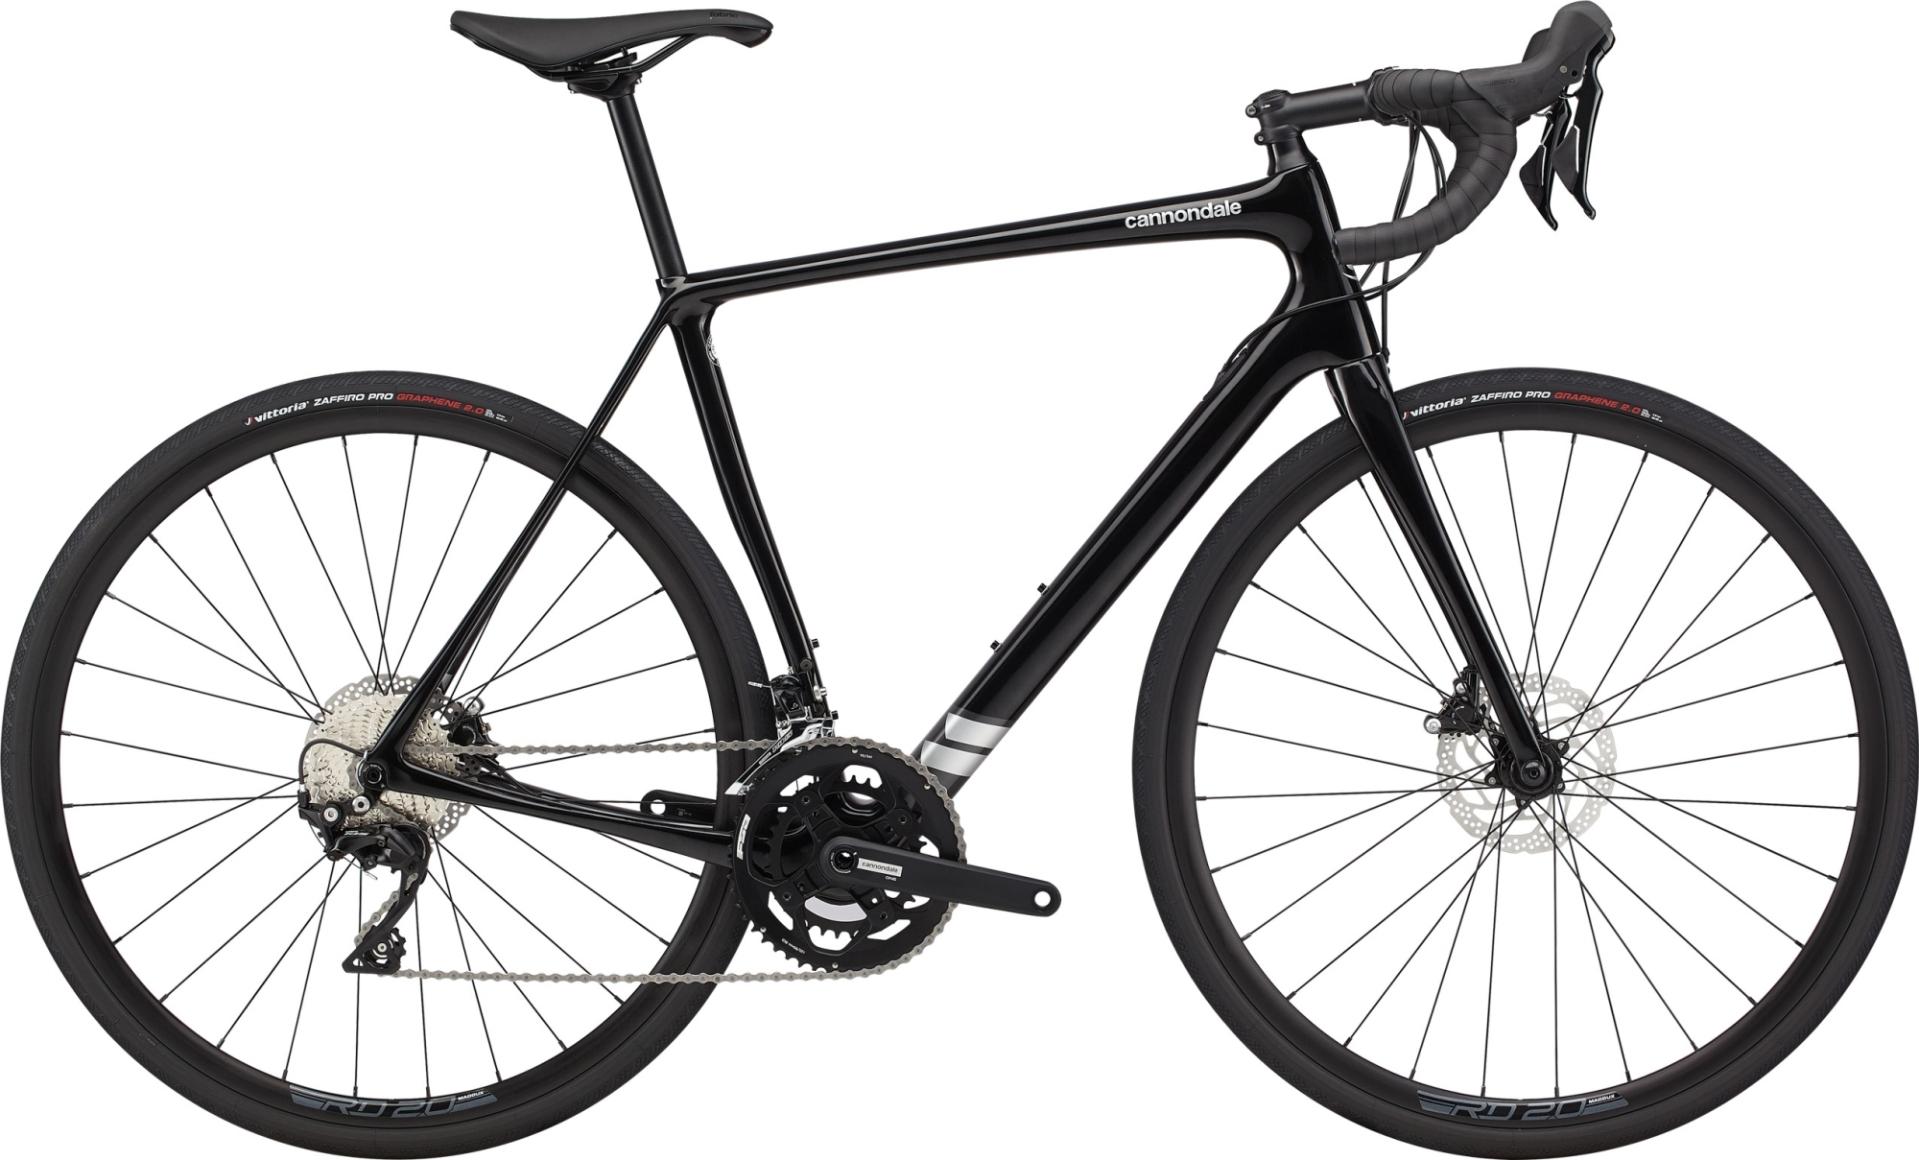 Cannondale Synapse Carbon 105 országúti kerékpár - fekete - 51 cm (2020)